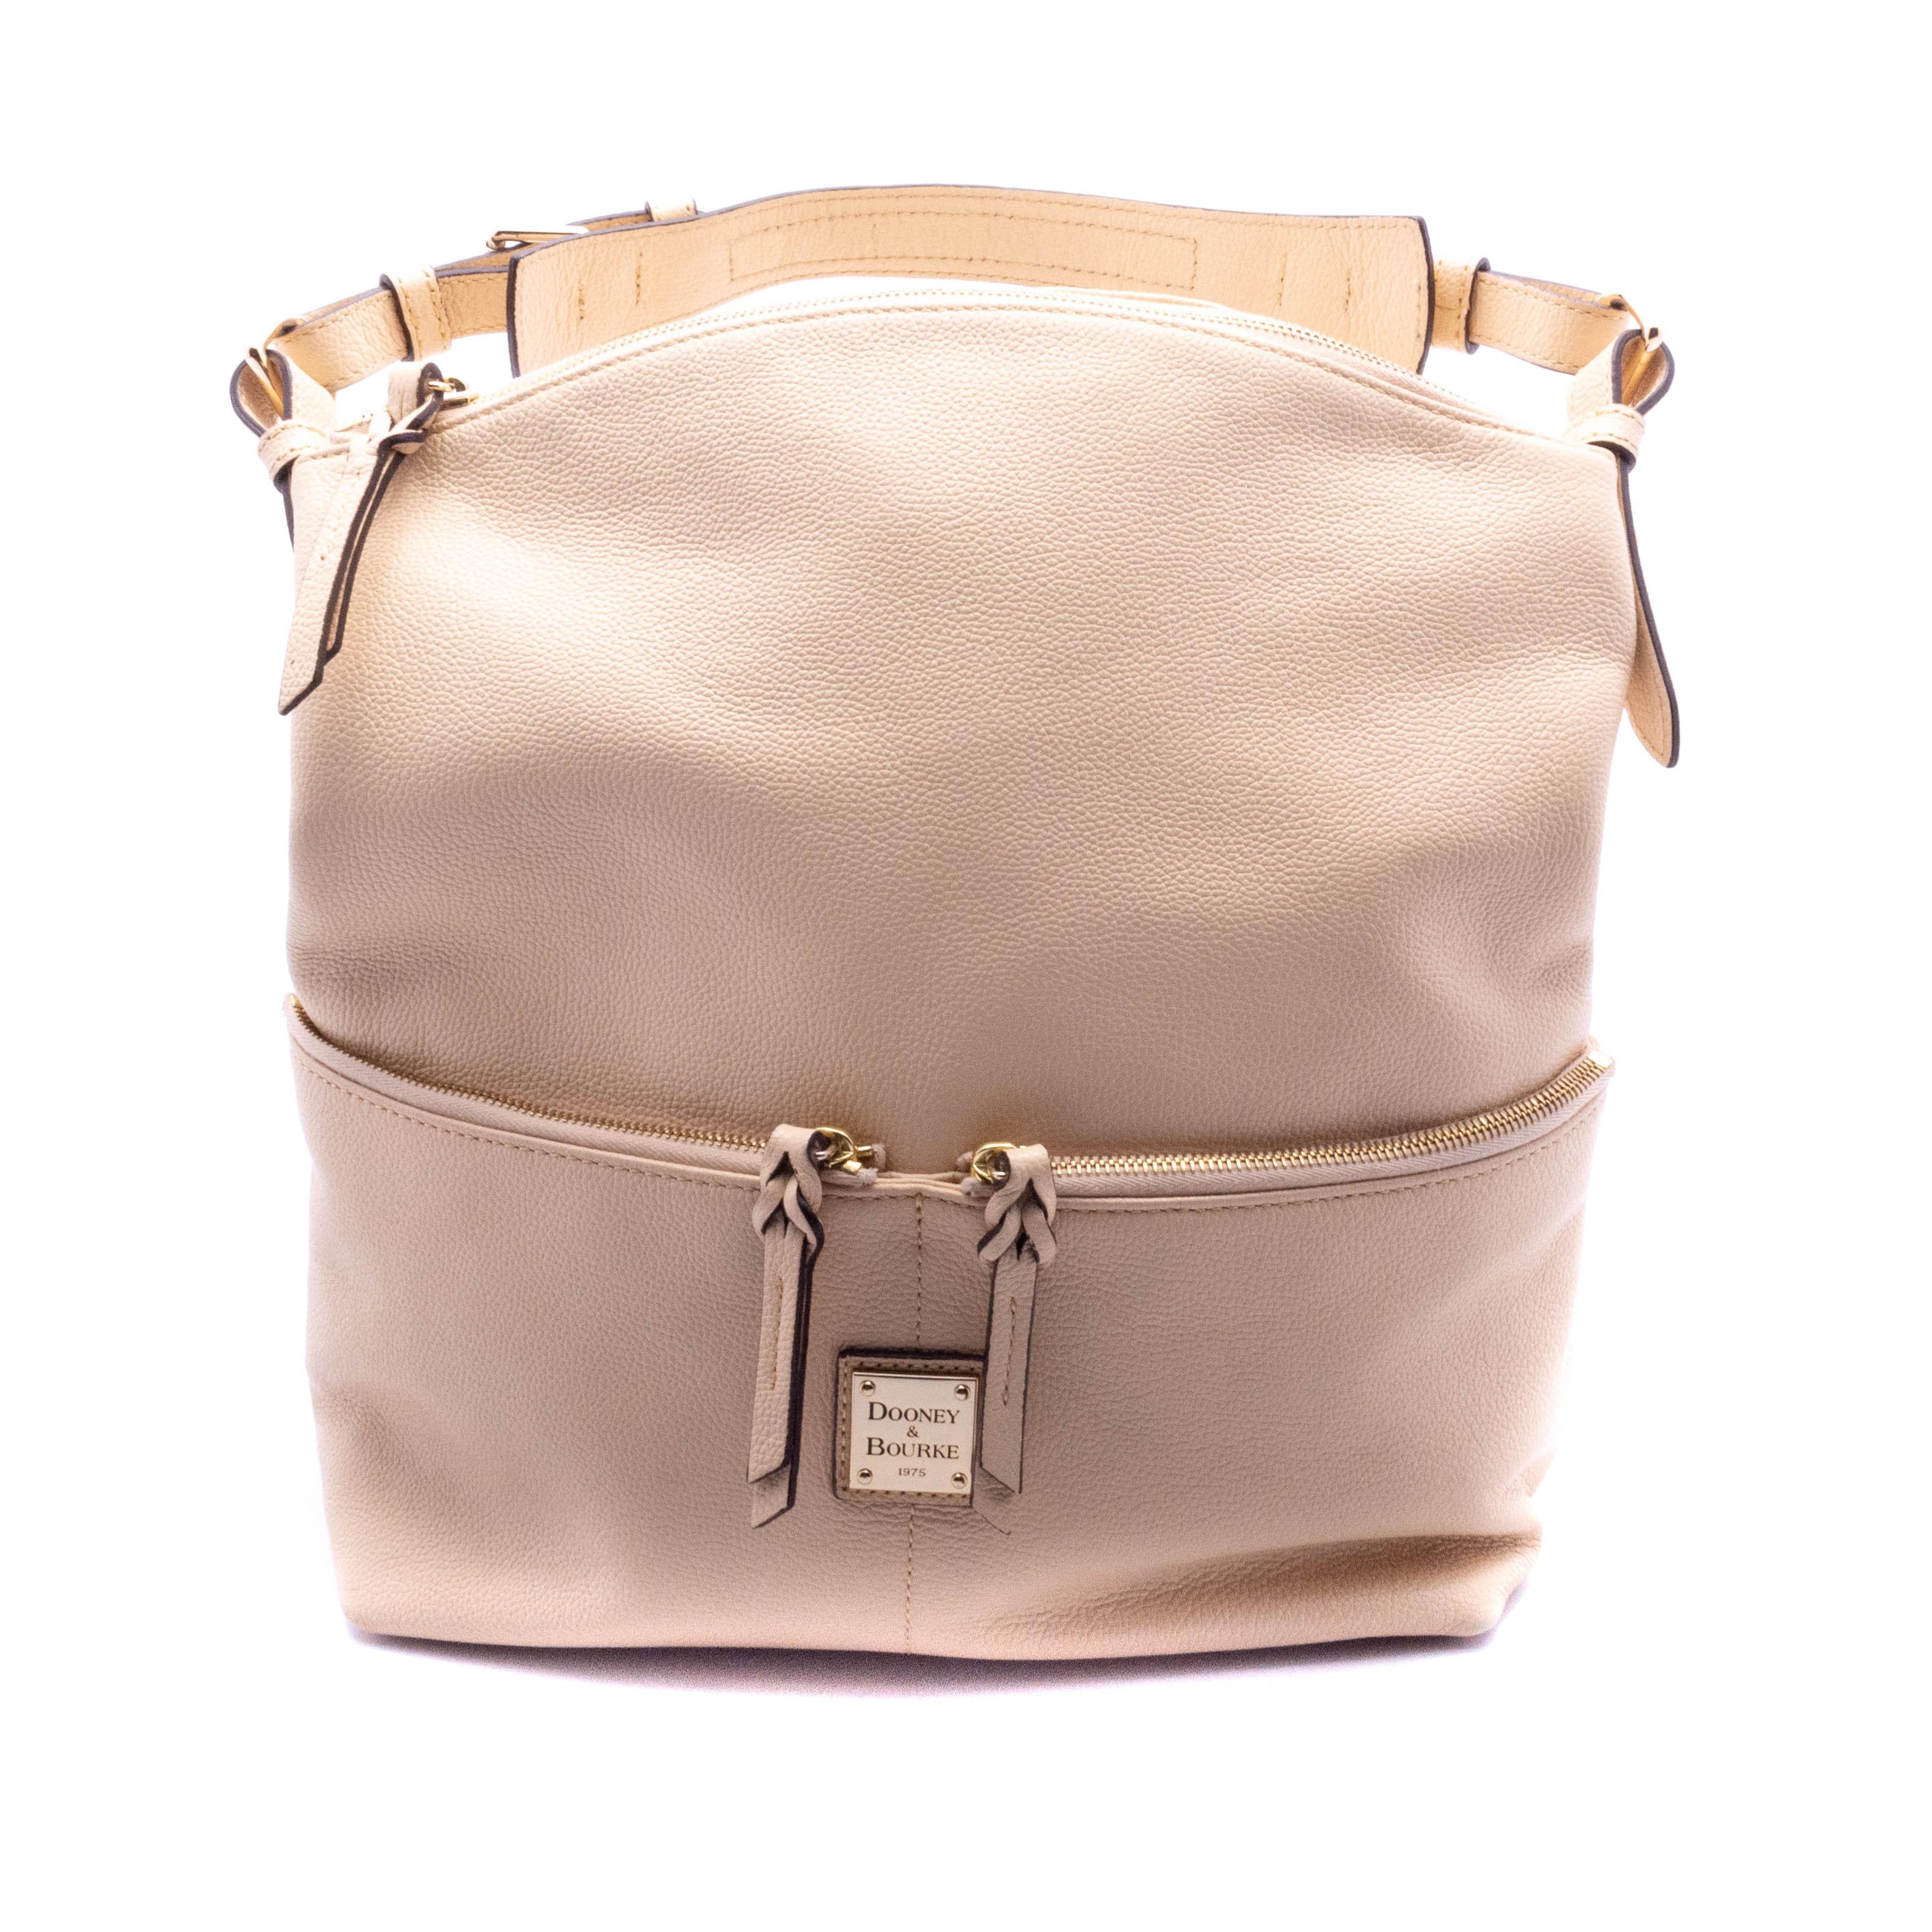 Dooney & Bourke Beige Pebbled Leather Handbag